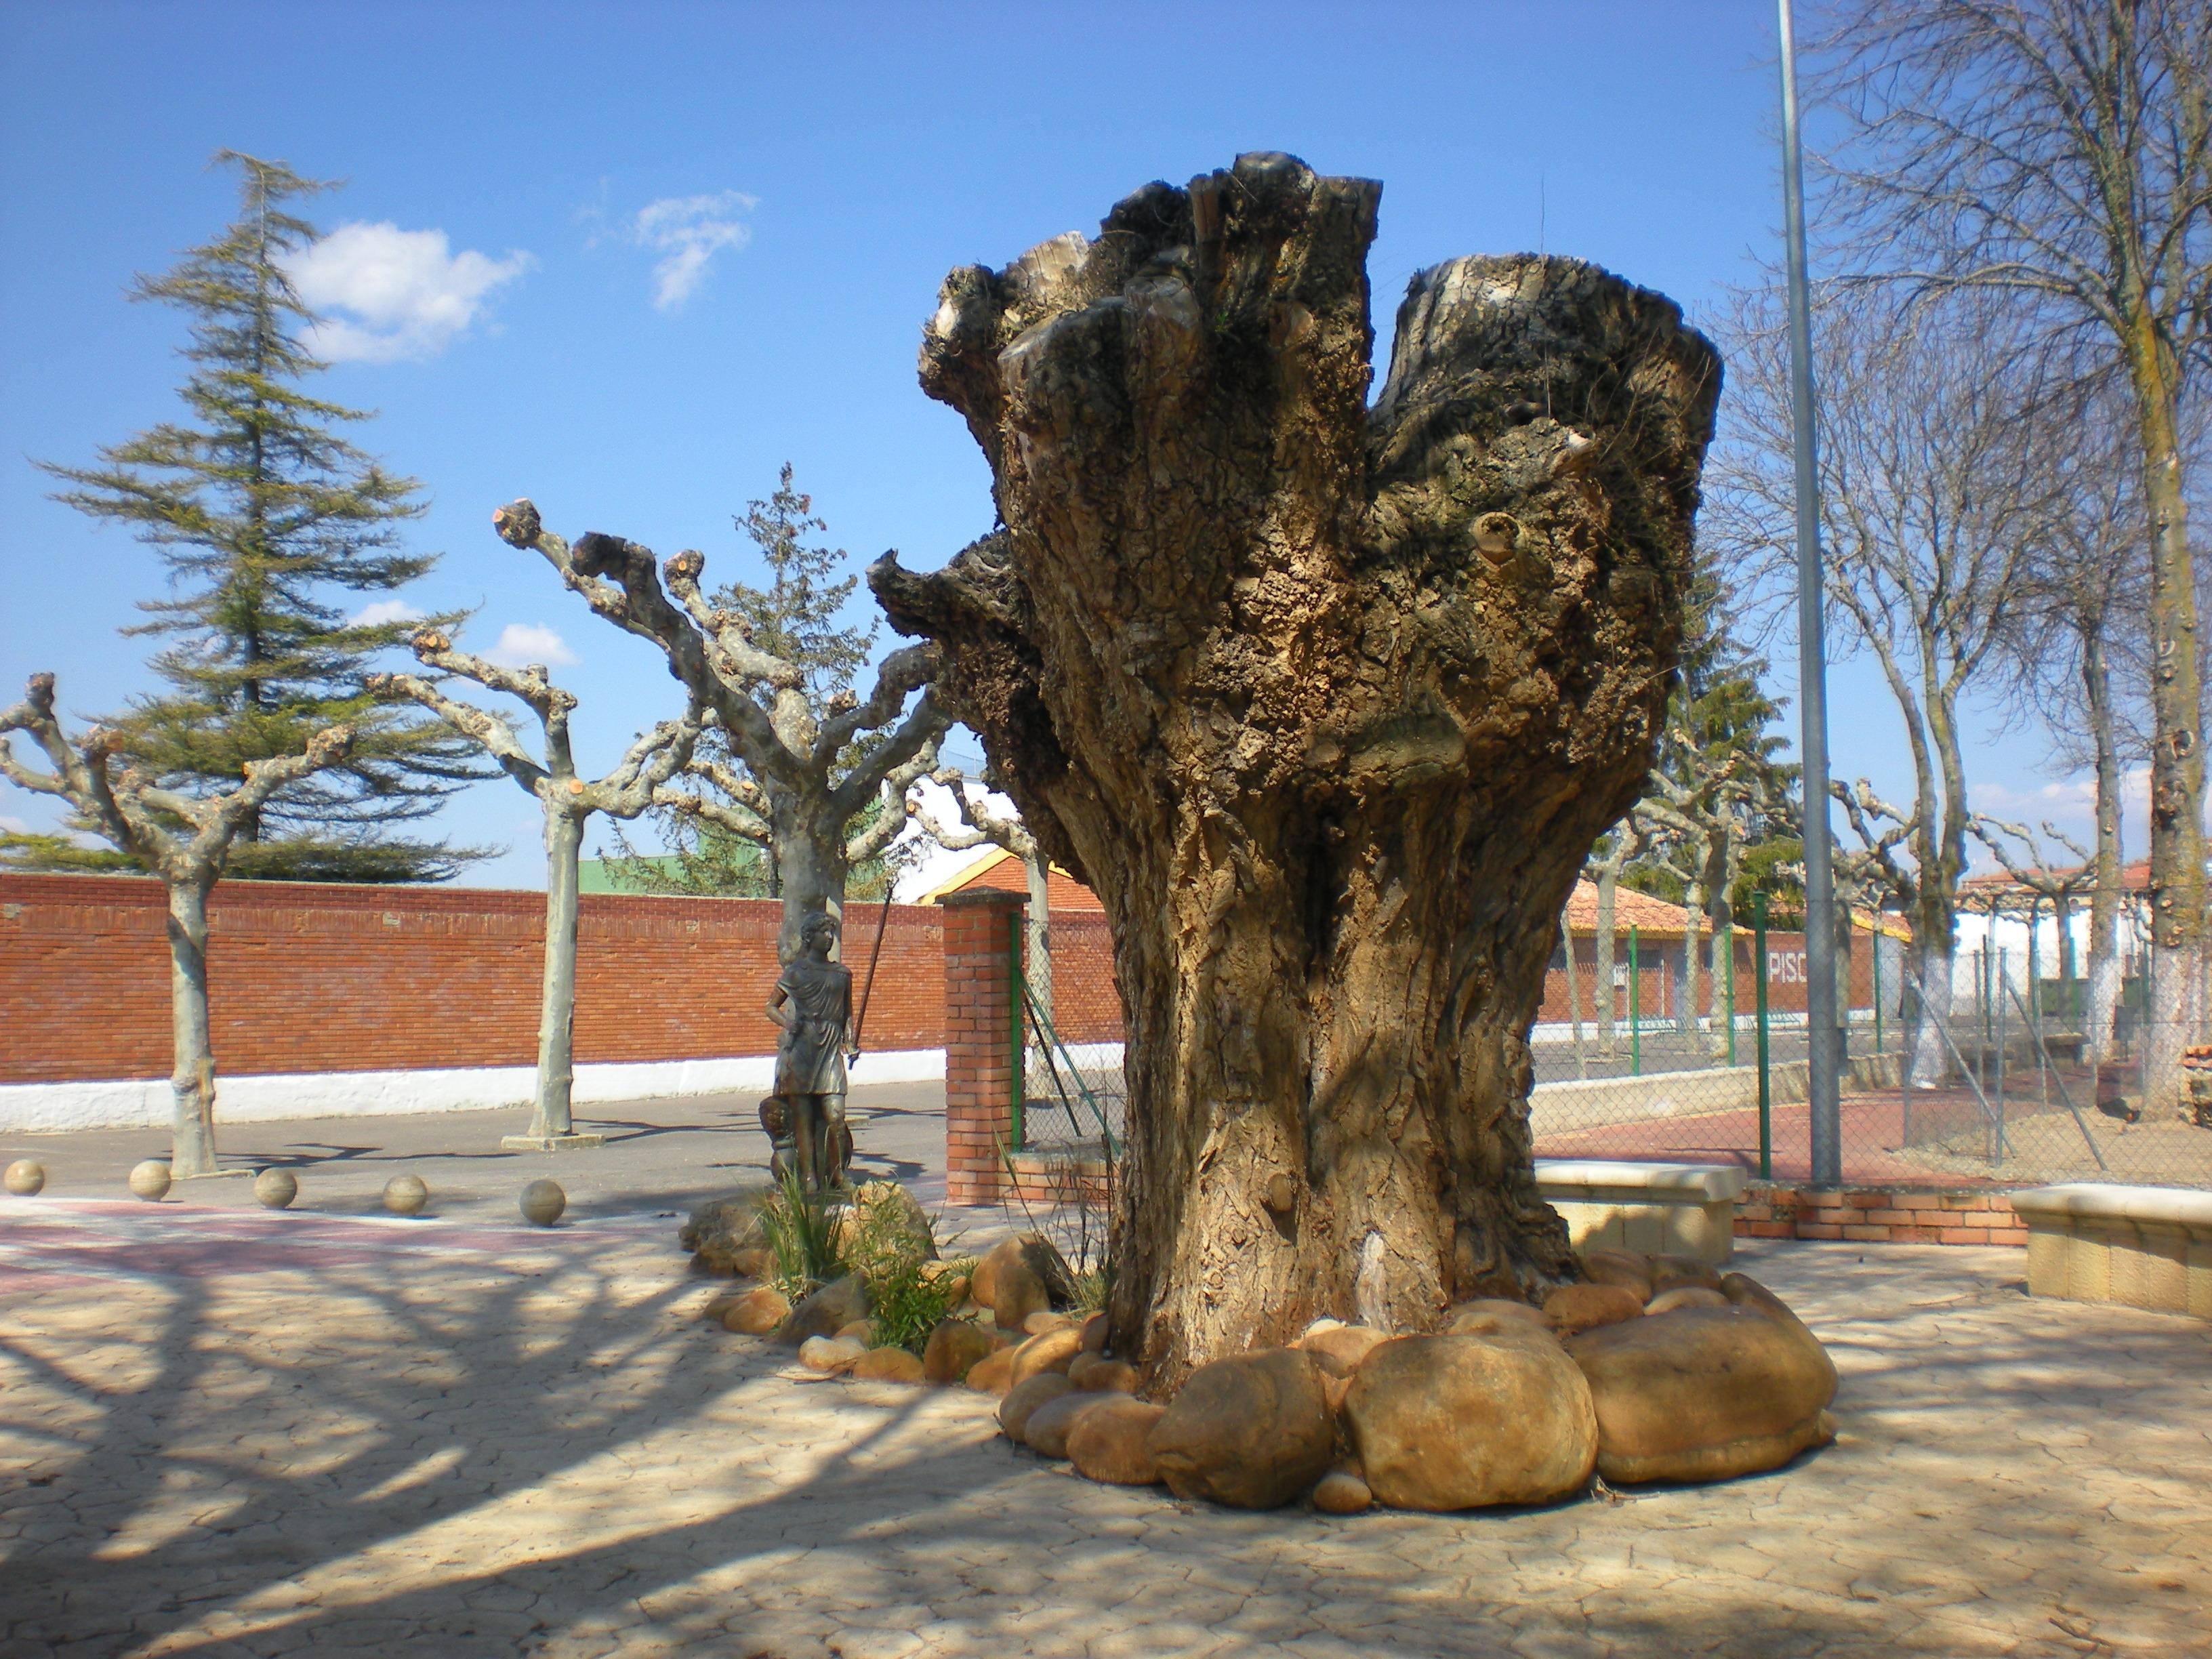 Árbol y estatua de pescadora